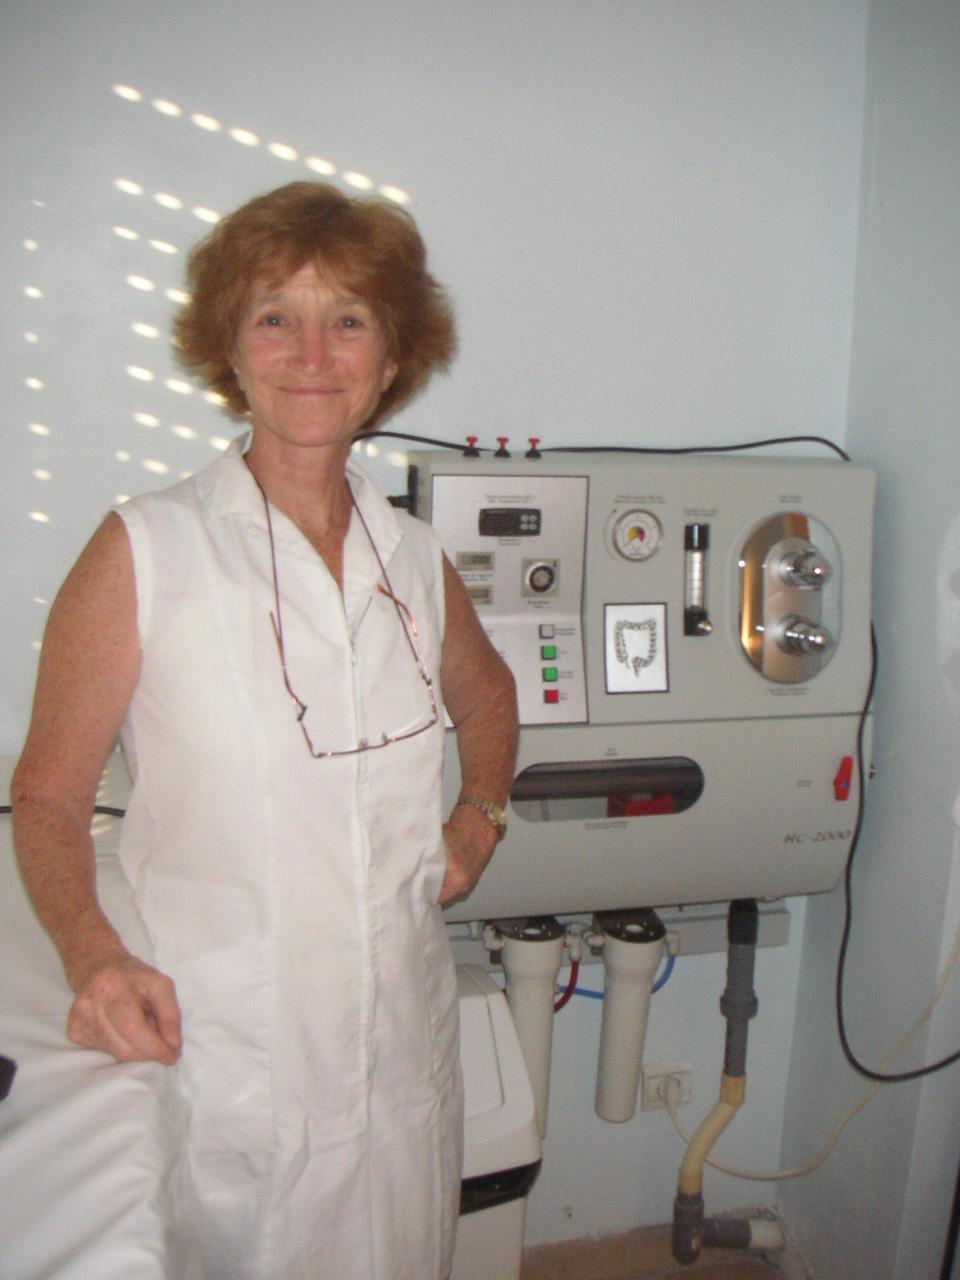 centre de soins   hydroth u00e9rapie du colon  ozonoth u00e9rapie